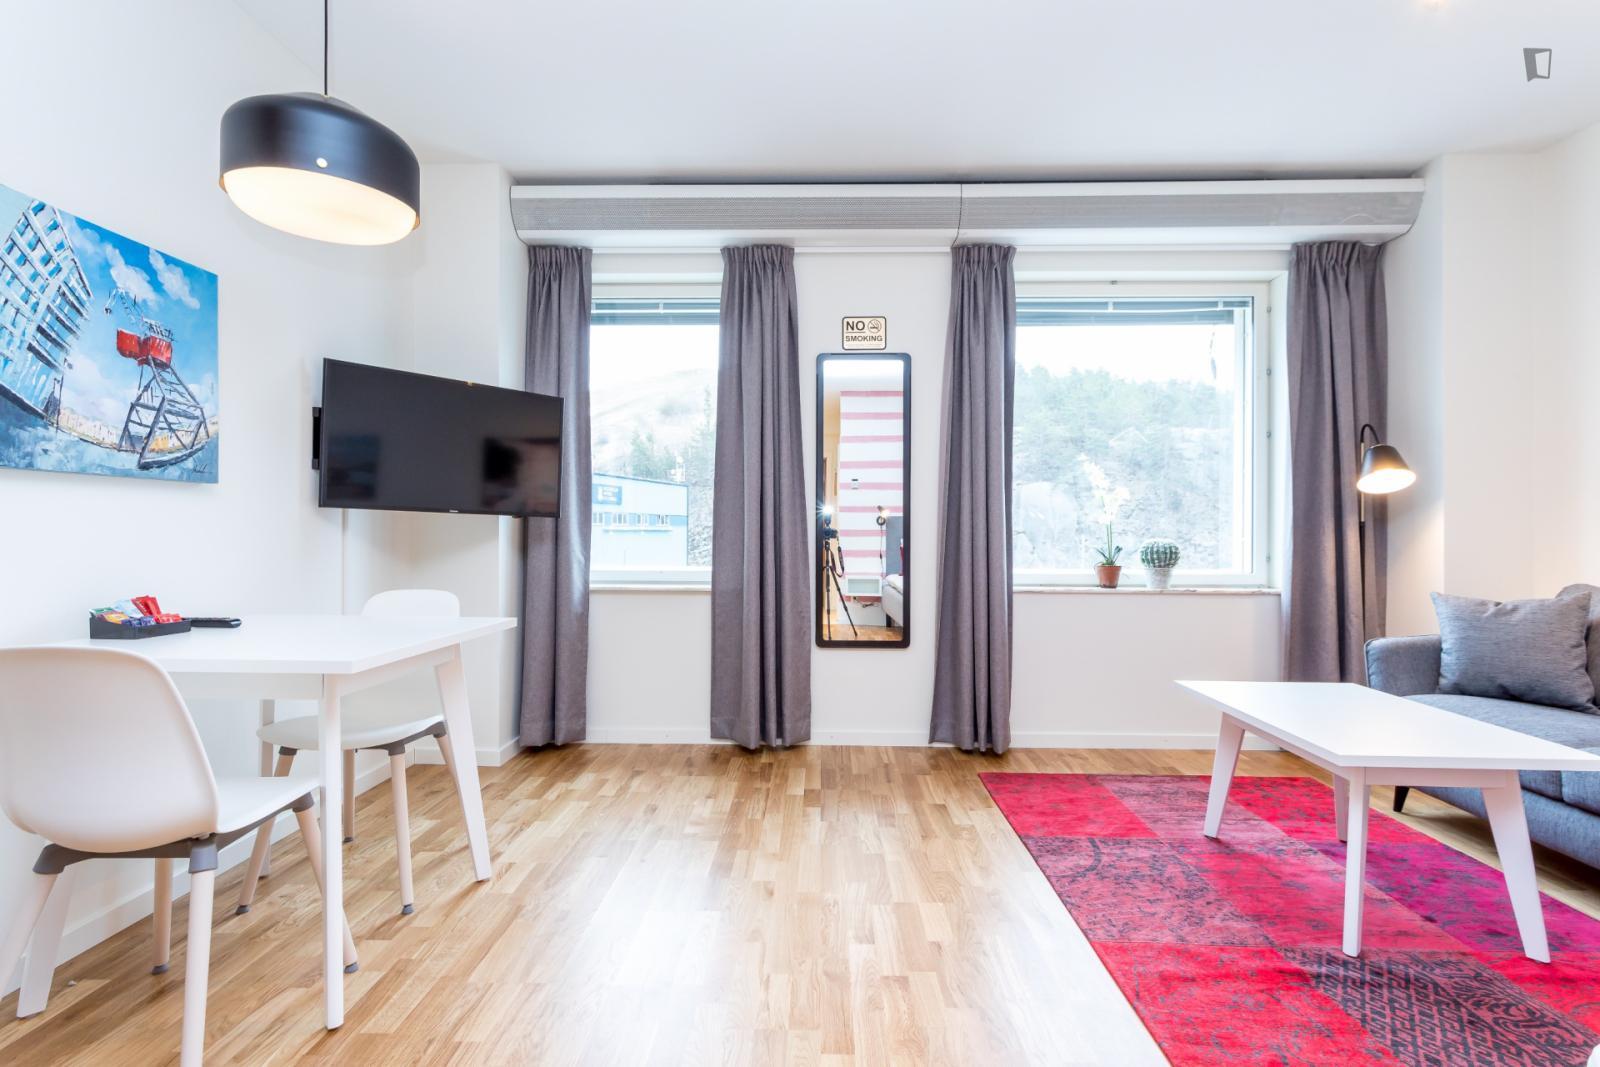 Hammarby Fabriksväg - 16500SEK / month